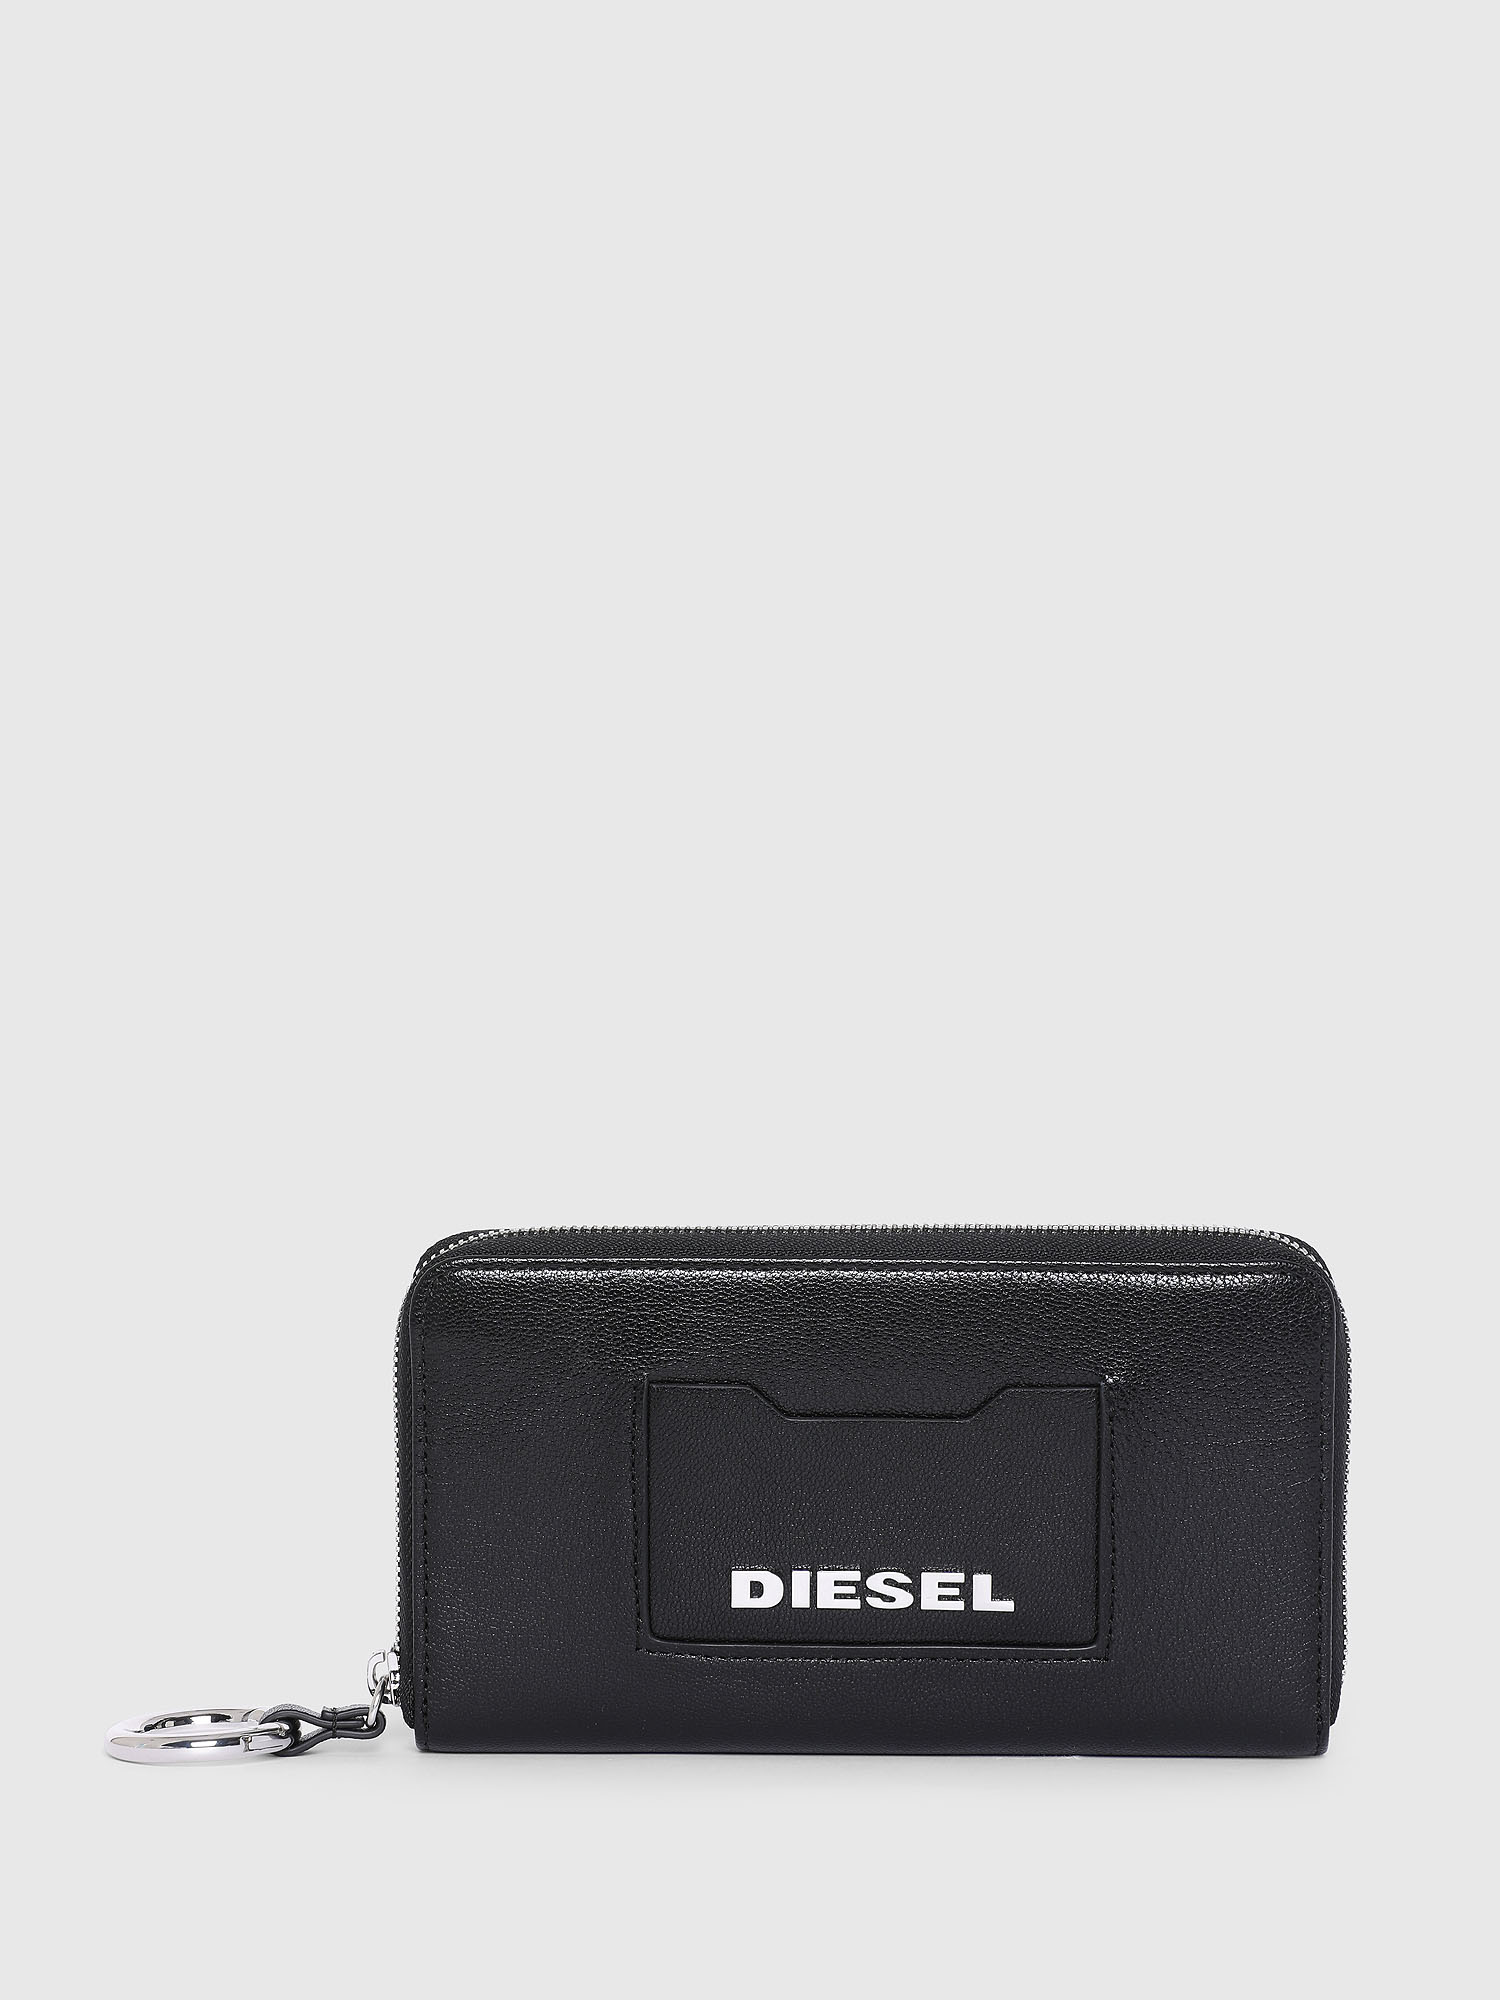 クリスマスプレゼントにおすすめなお財布はディーゼルのGRANATO LCです